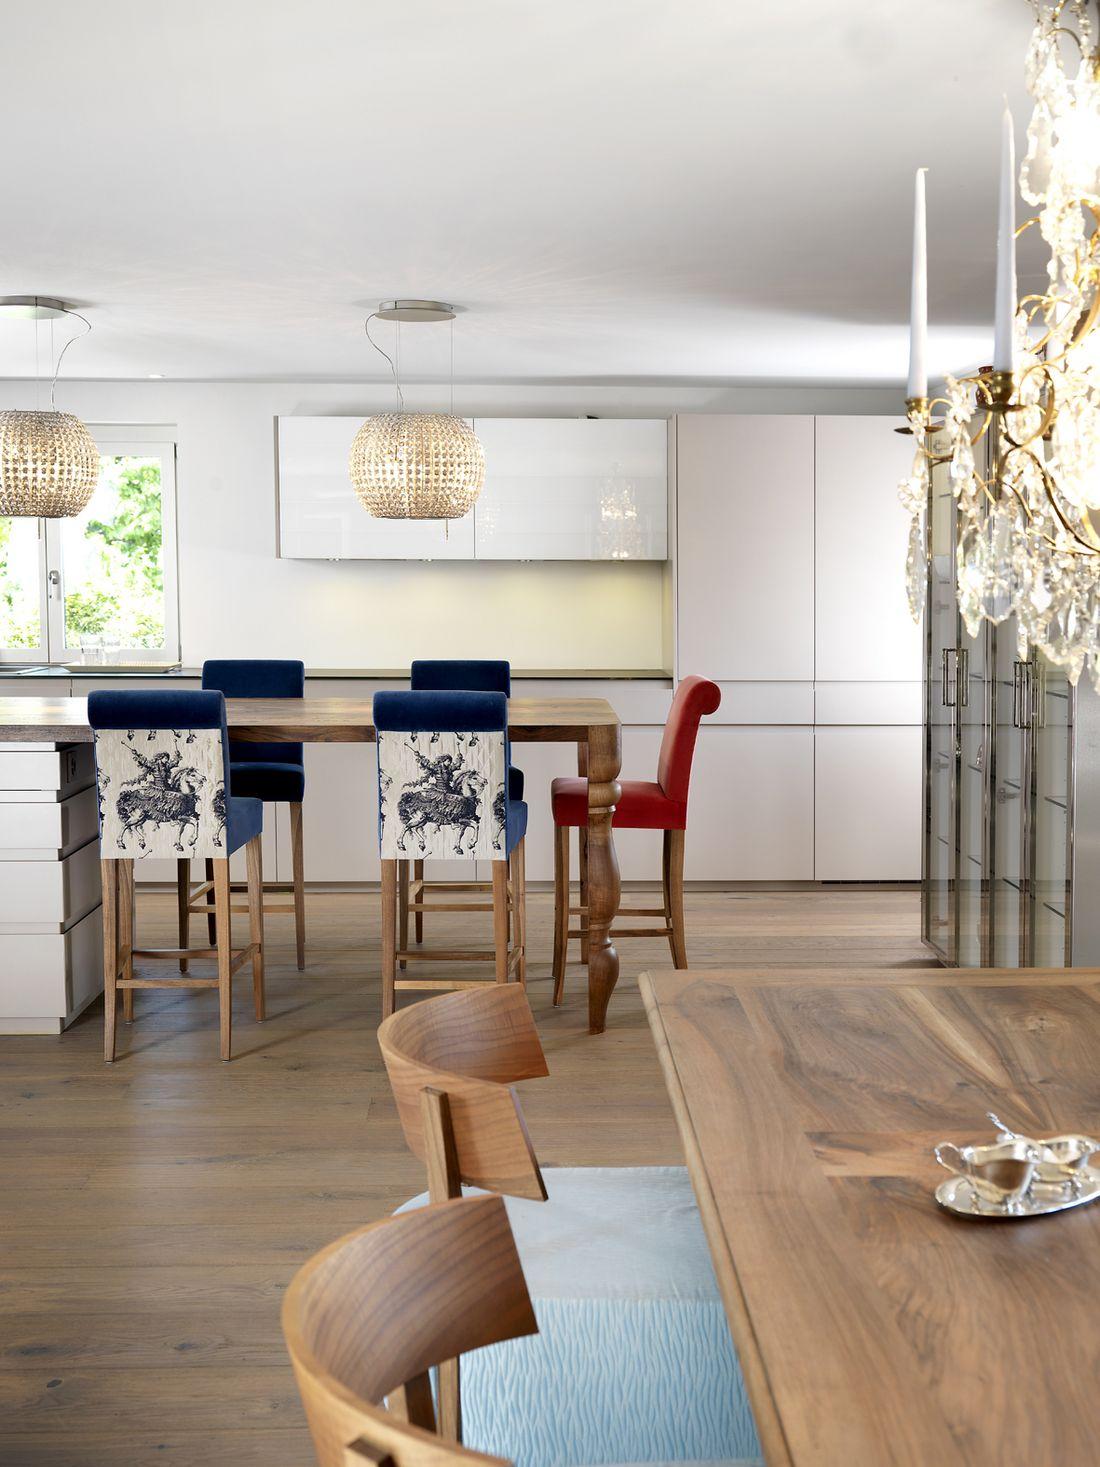 Einfamilienhaus Altnau : Wohnräume. : Innenarchitektur. : Thomas ...